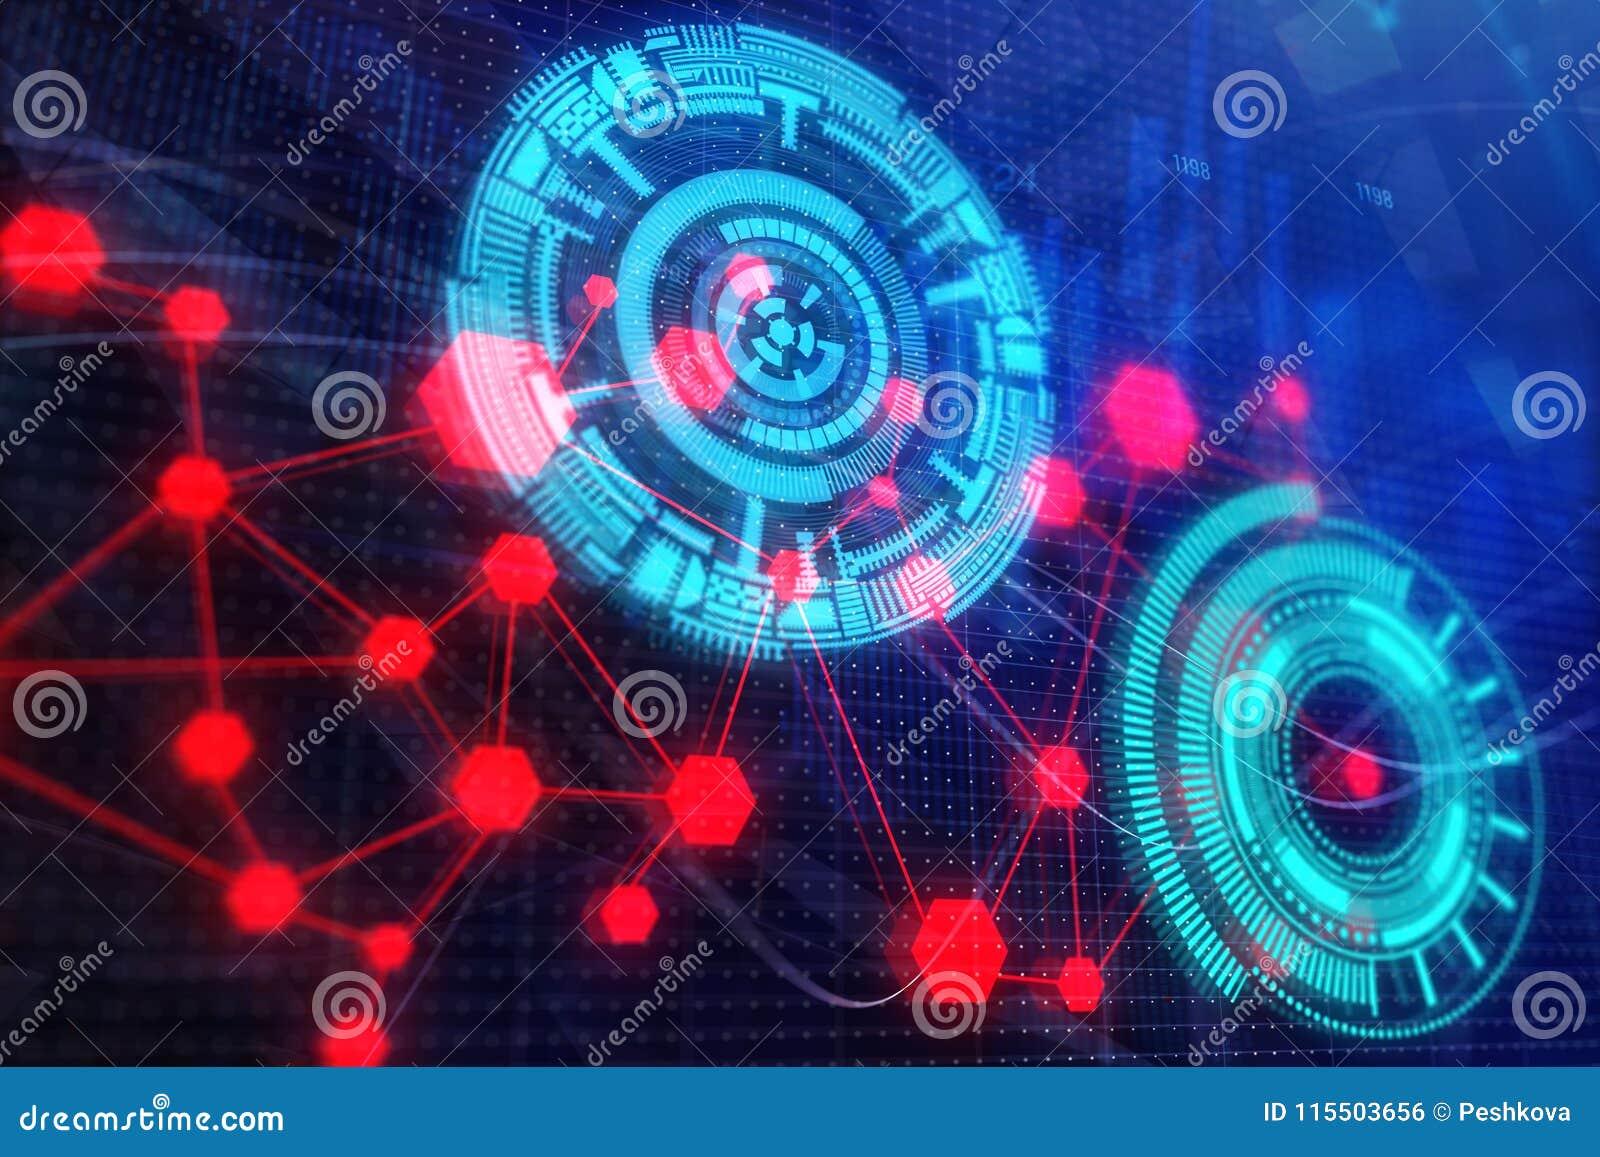 3D Future Internet Media